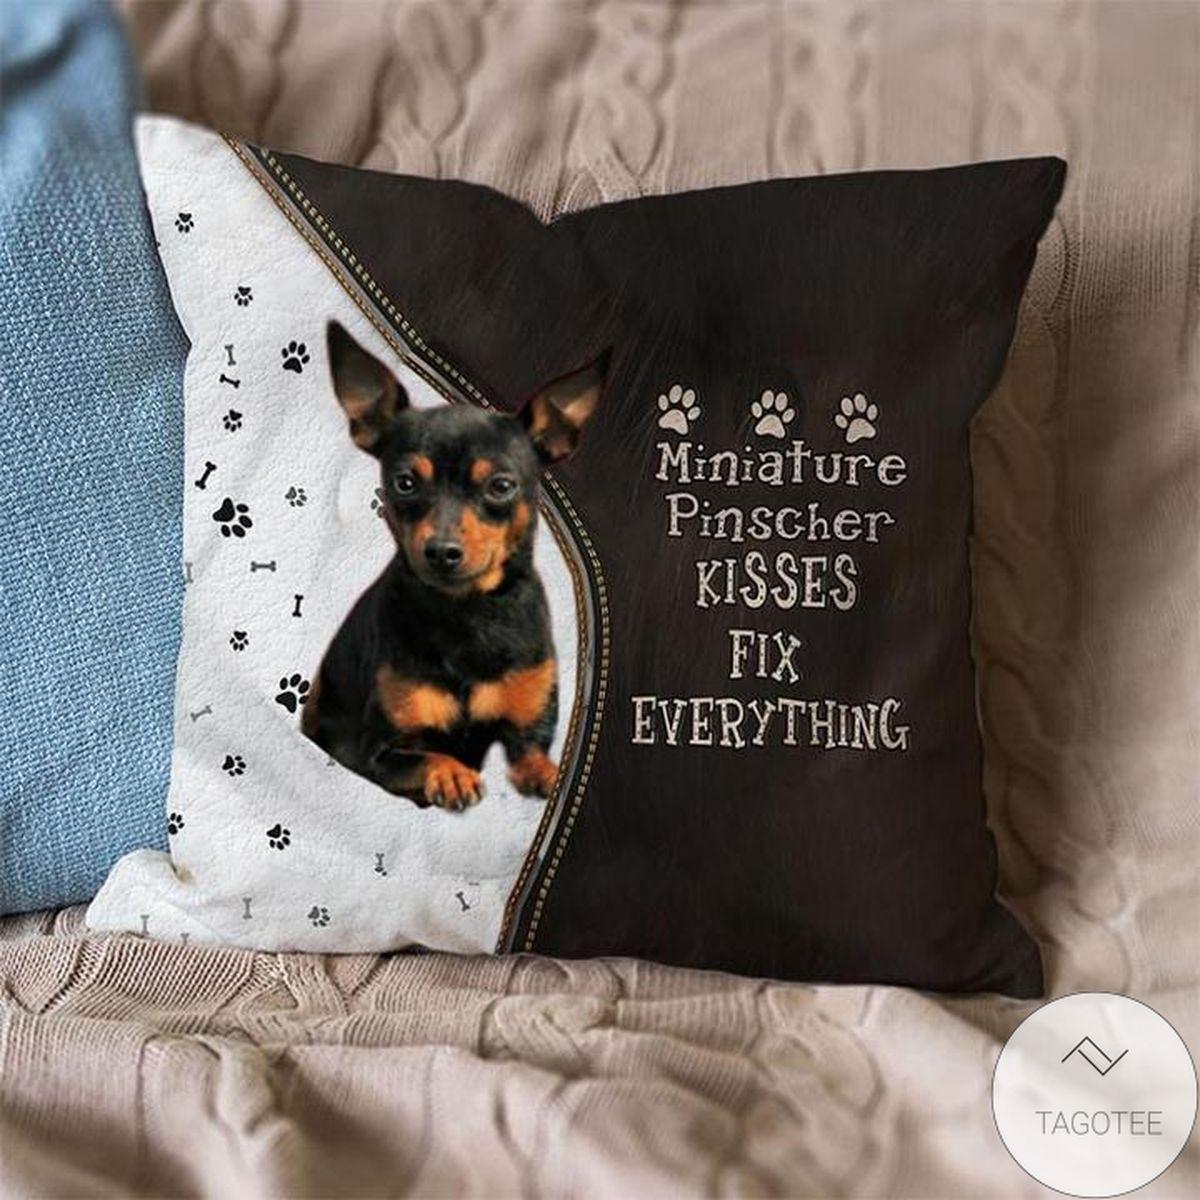 Perfect Miniature Pinscher Kisses Fix Everything Pillowcase